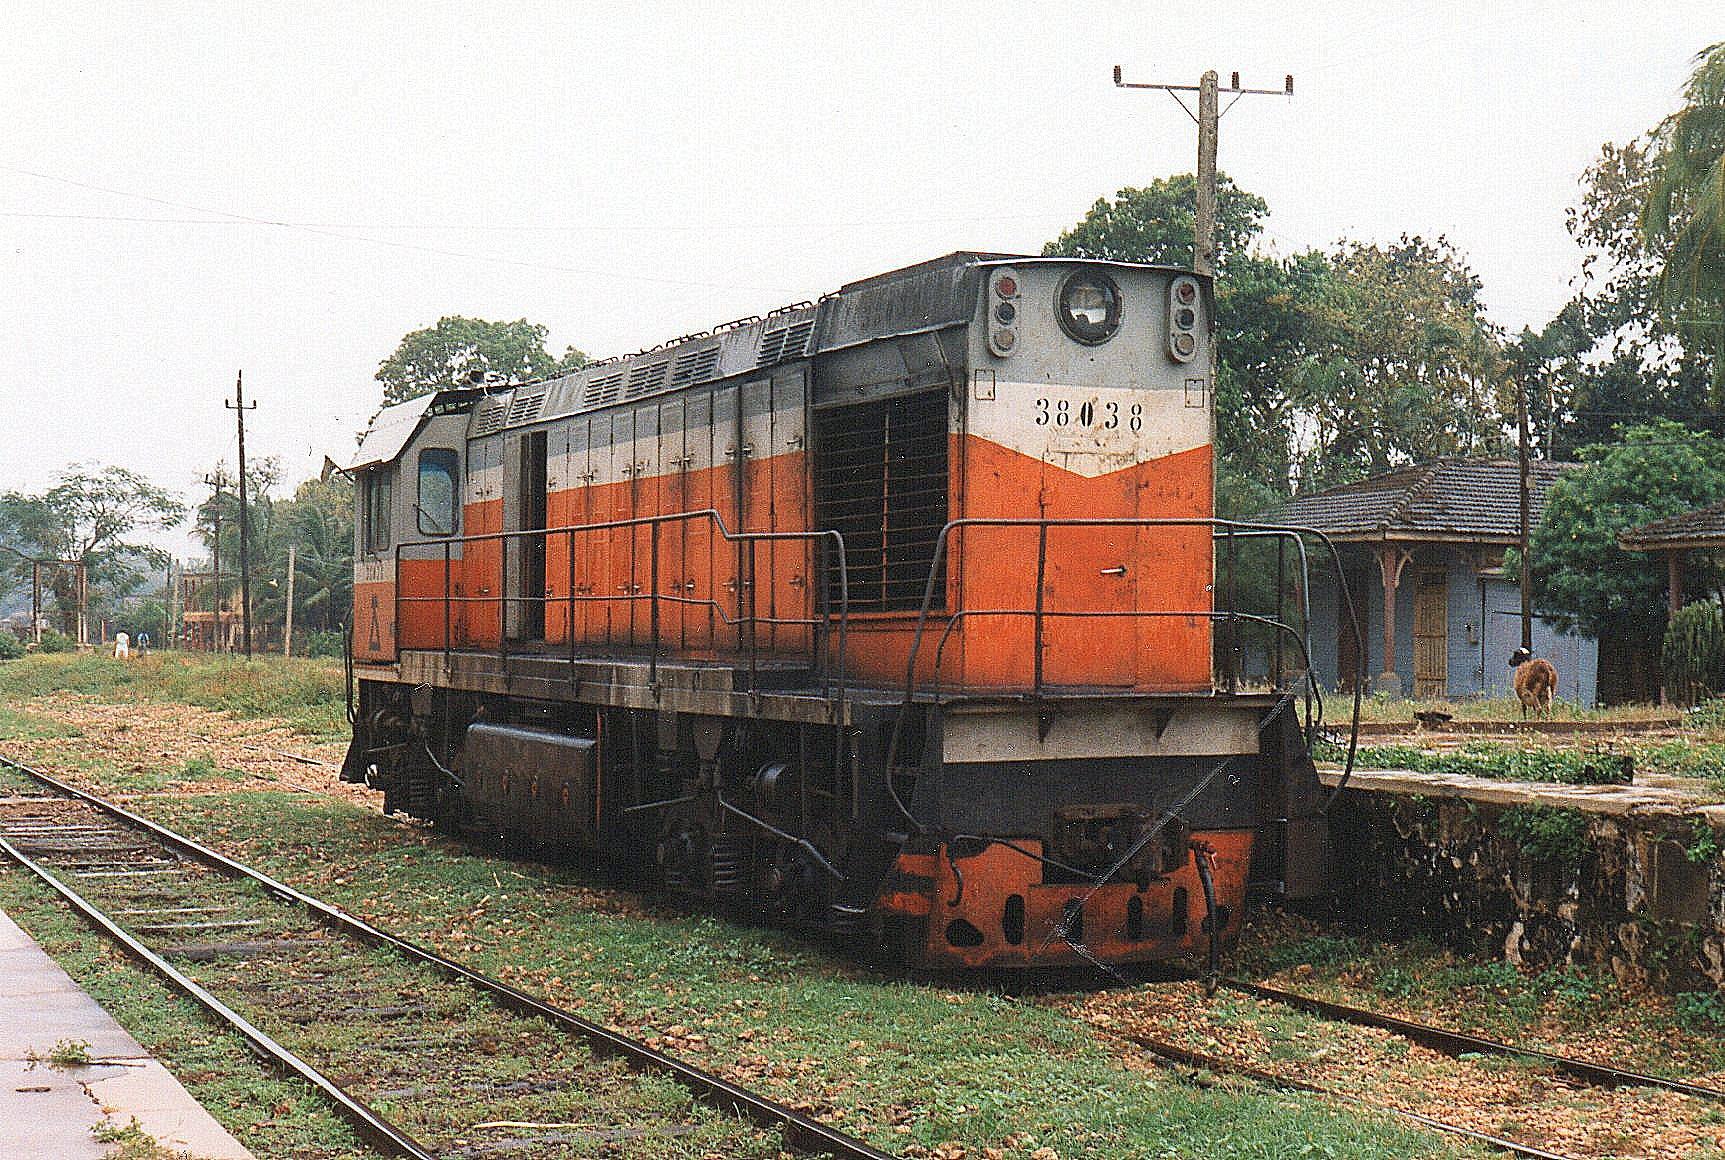 MINAZ 38 038, TGM-8K fra USSR 1981 på CAI 201, Gregorio Arlee Manalis, Møllen have et større smalspornet, men normalsporforbindelse til andre møller.